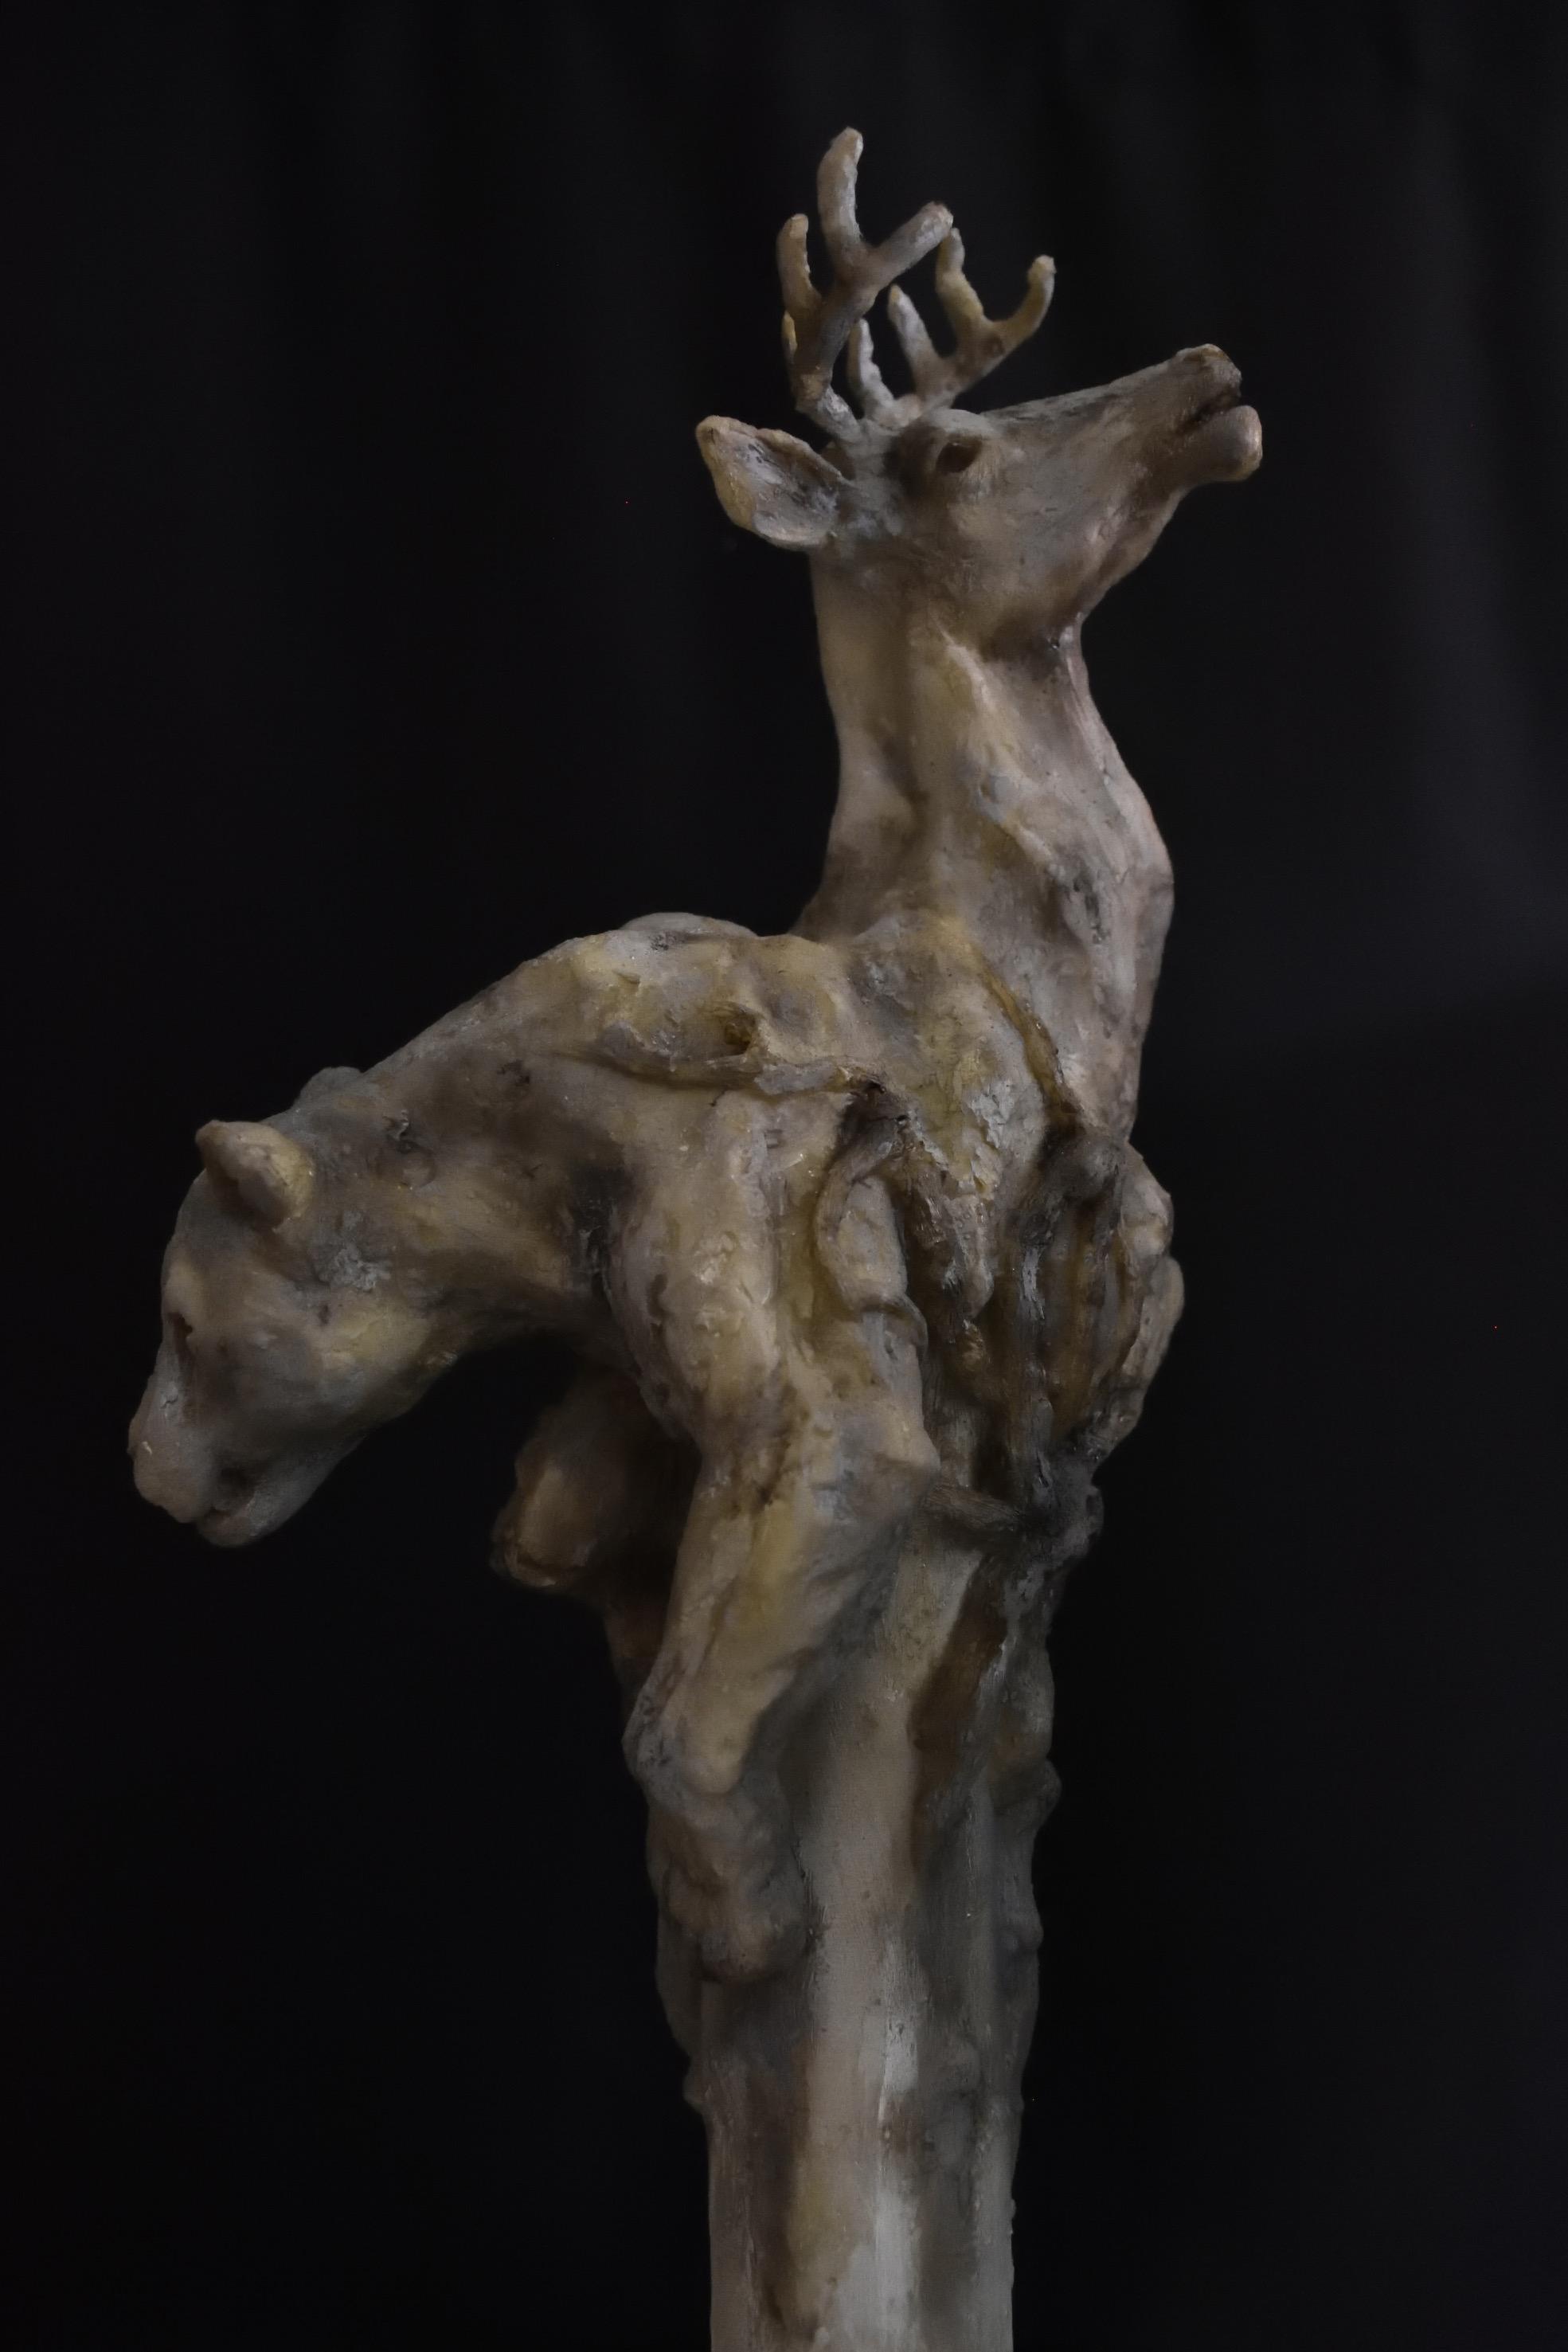 Escultura resina -  50 cm altura (2)